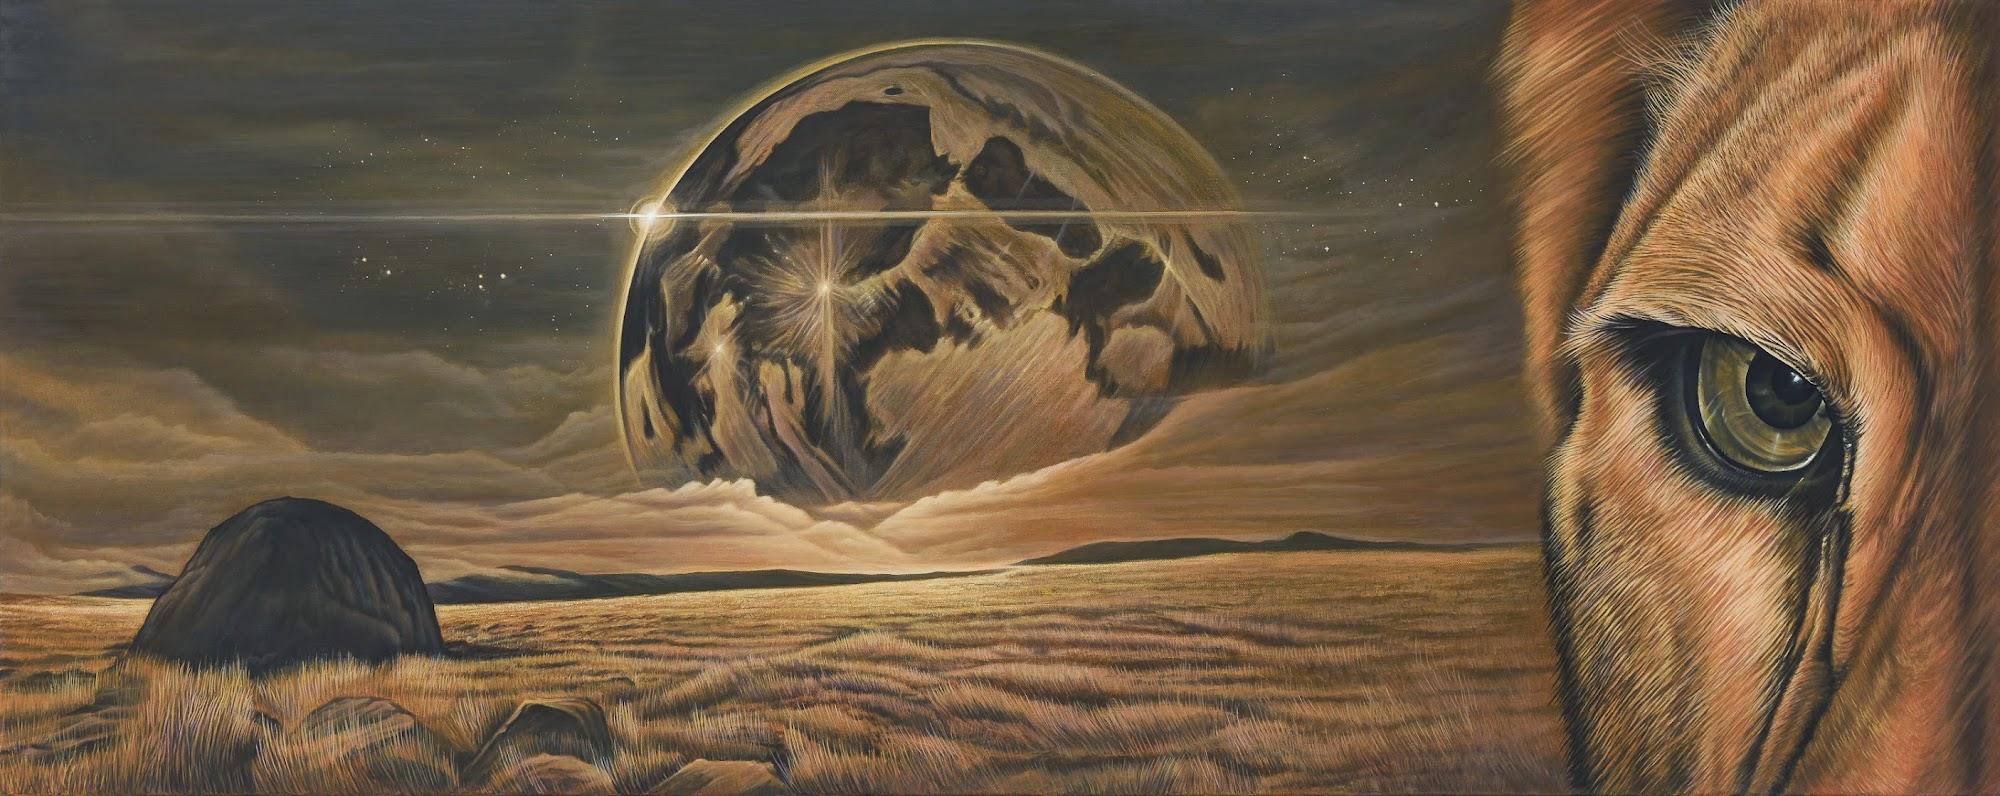 Der Blick in dich in die neue Welt 2015 Oel auf Leinwand 150 x 60 cm